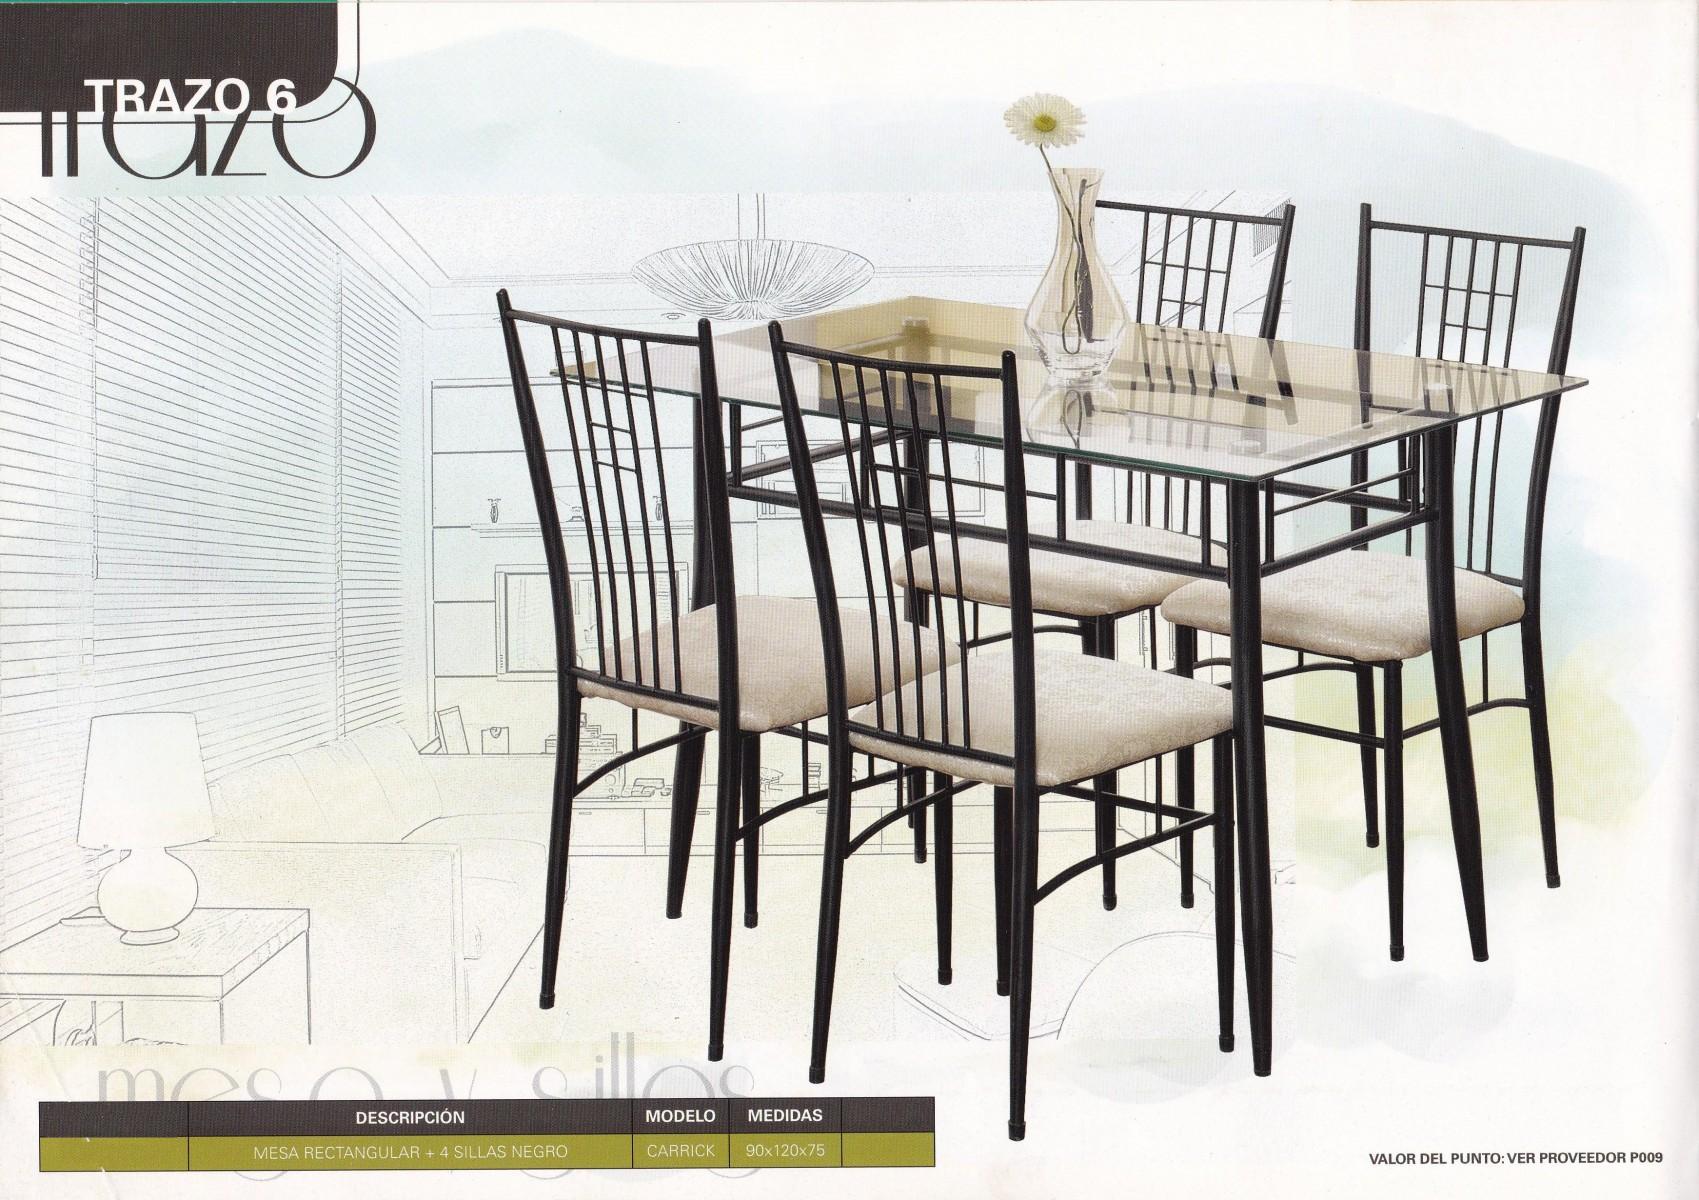 Muebles En Yecla Tiendas Trendy Tiendas De Muebles En Yecla  # Muebles Eva Yecla